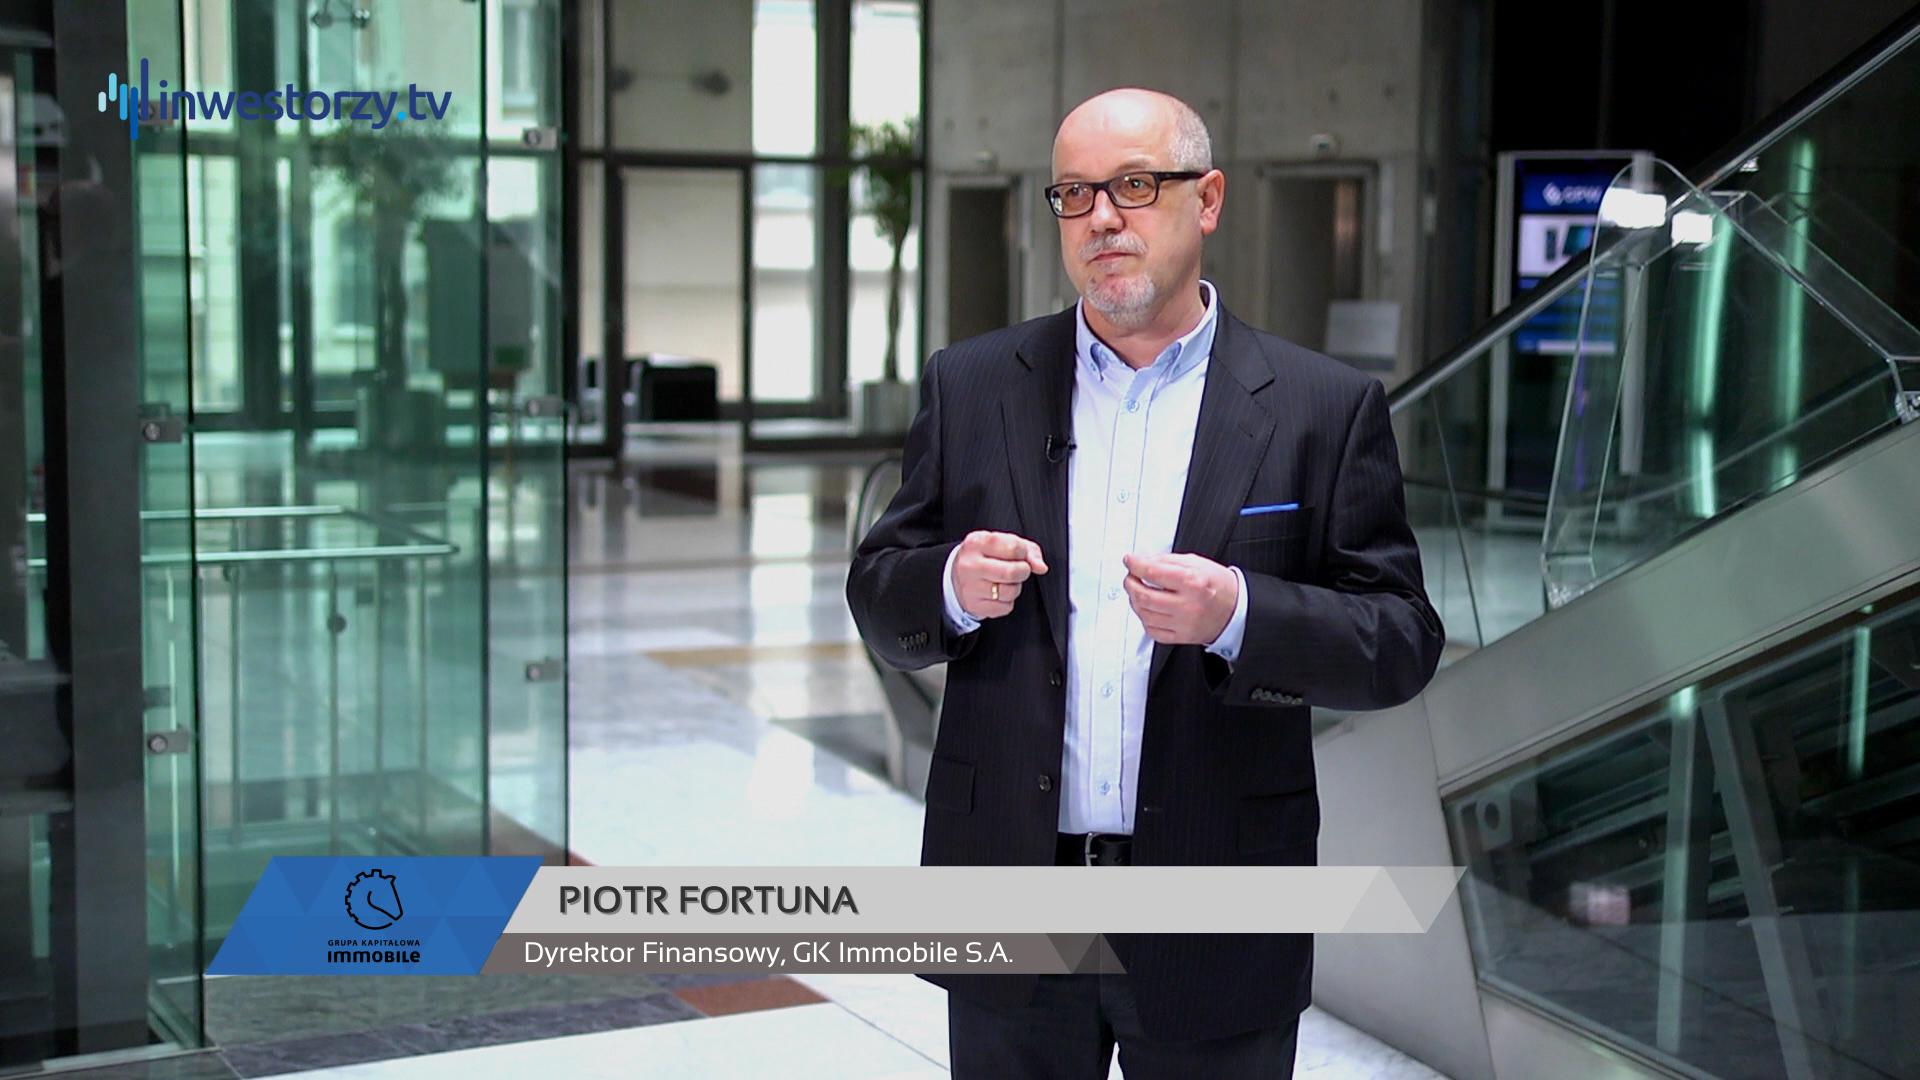 Wypowiedź Dyrektora Finansowego GK IMMOBILE, Piotra Fortuny dla Inwestorzy.tv